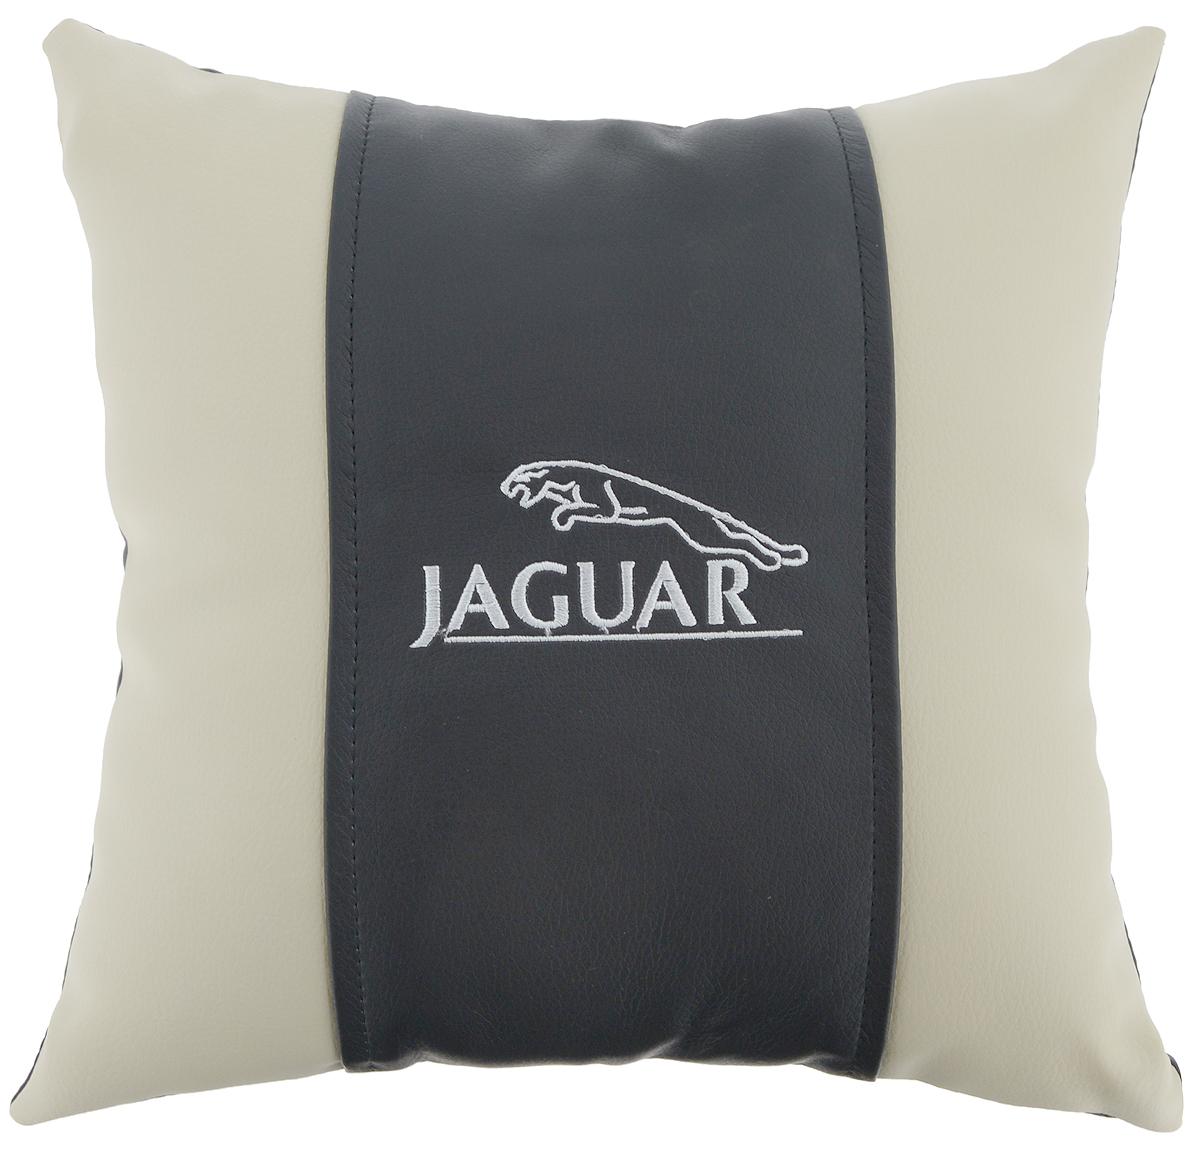 Подушка на сиденье Autoparts Jaguar, 30 х 30 см106-026Подушка на сиденье Autoparts Jaguar создана для тех, кто весьсвой день вынужден проводить за рулем. Чехол выполнен из высококачественной дышащей экокожи. Наполнителем служит холлофайбер. На задней части подушки имеется змейка. Особенности подушки: - Хорошо проветривается. - Предупреждает потение. - Поддерживает комфортную температуру. - Обминается по форме тела. - Улучшает кровообращение. - Исключает затечные явления. - Предупреждает развитие заболеваний, связанных с сидячим образом жизни. Подушка также будет полезна и дома - при работе за компьютером, школьникам - при выполнении домашних работ, да и в любимом кресле перед телевизором.